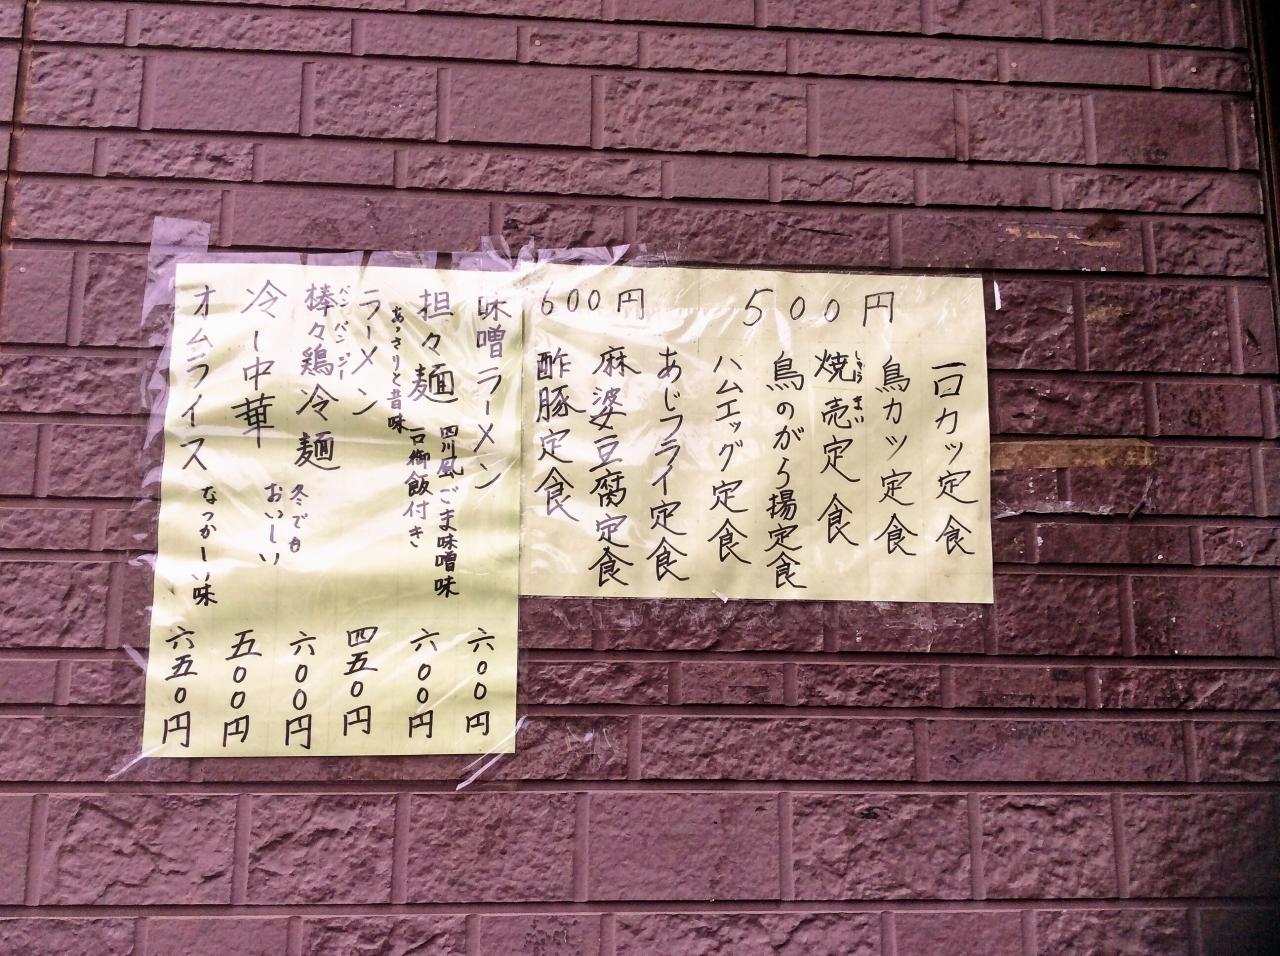 新三陽(メニュー)